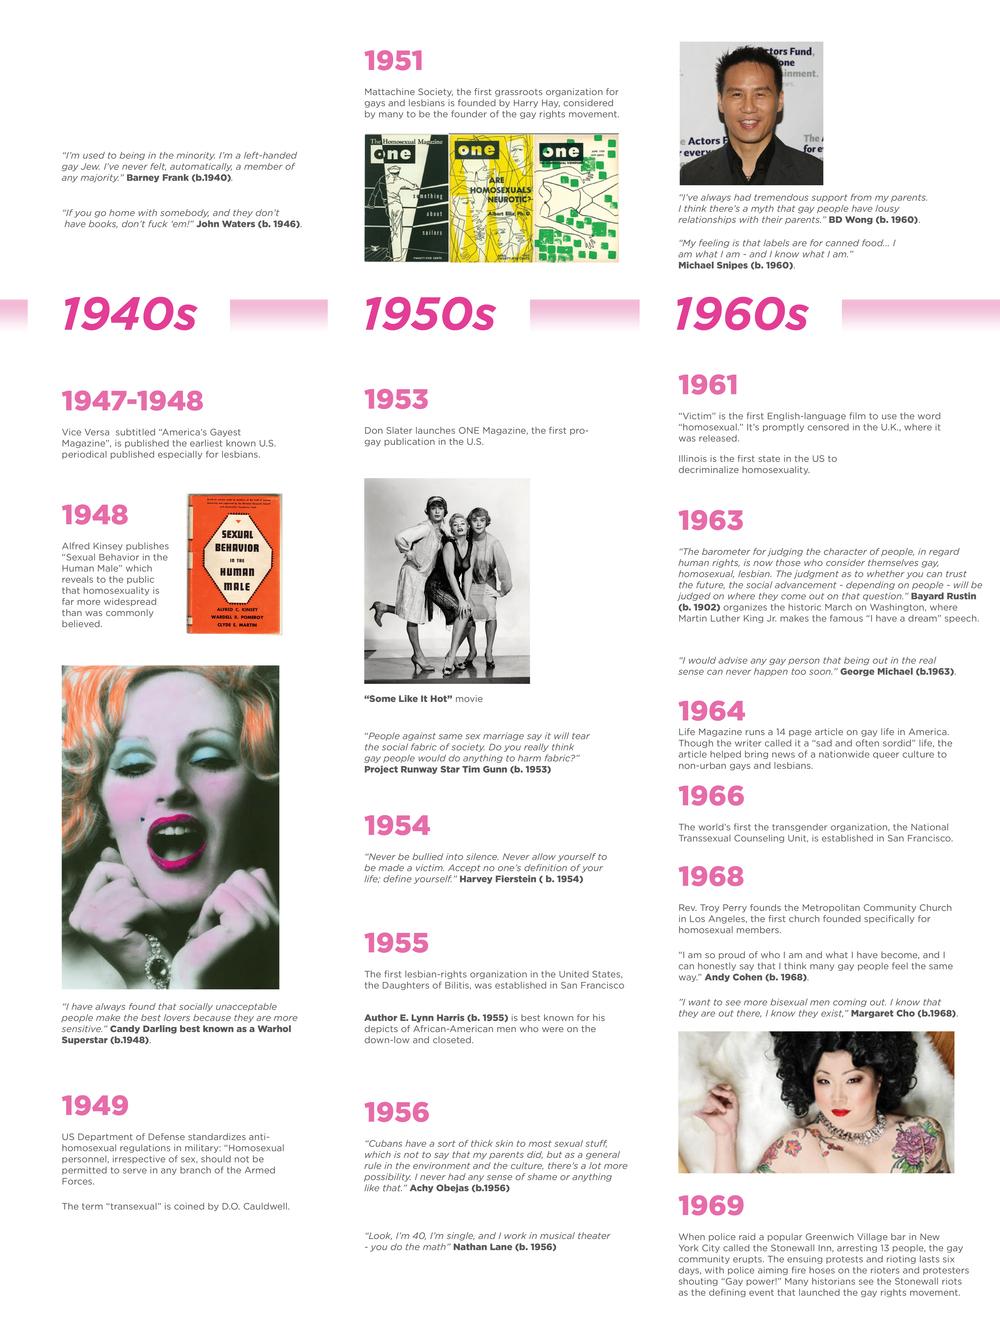 TimelinePosters2.jpg